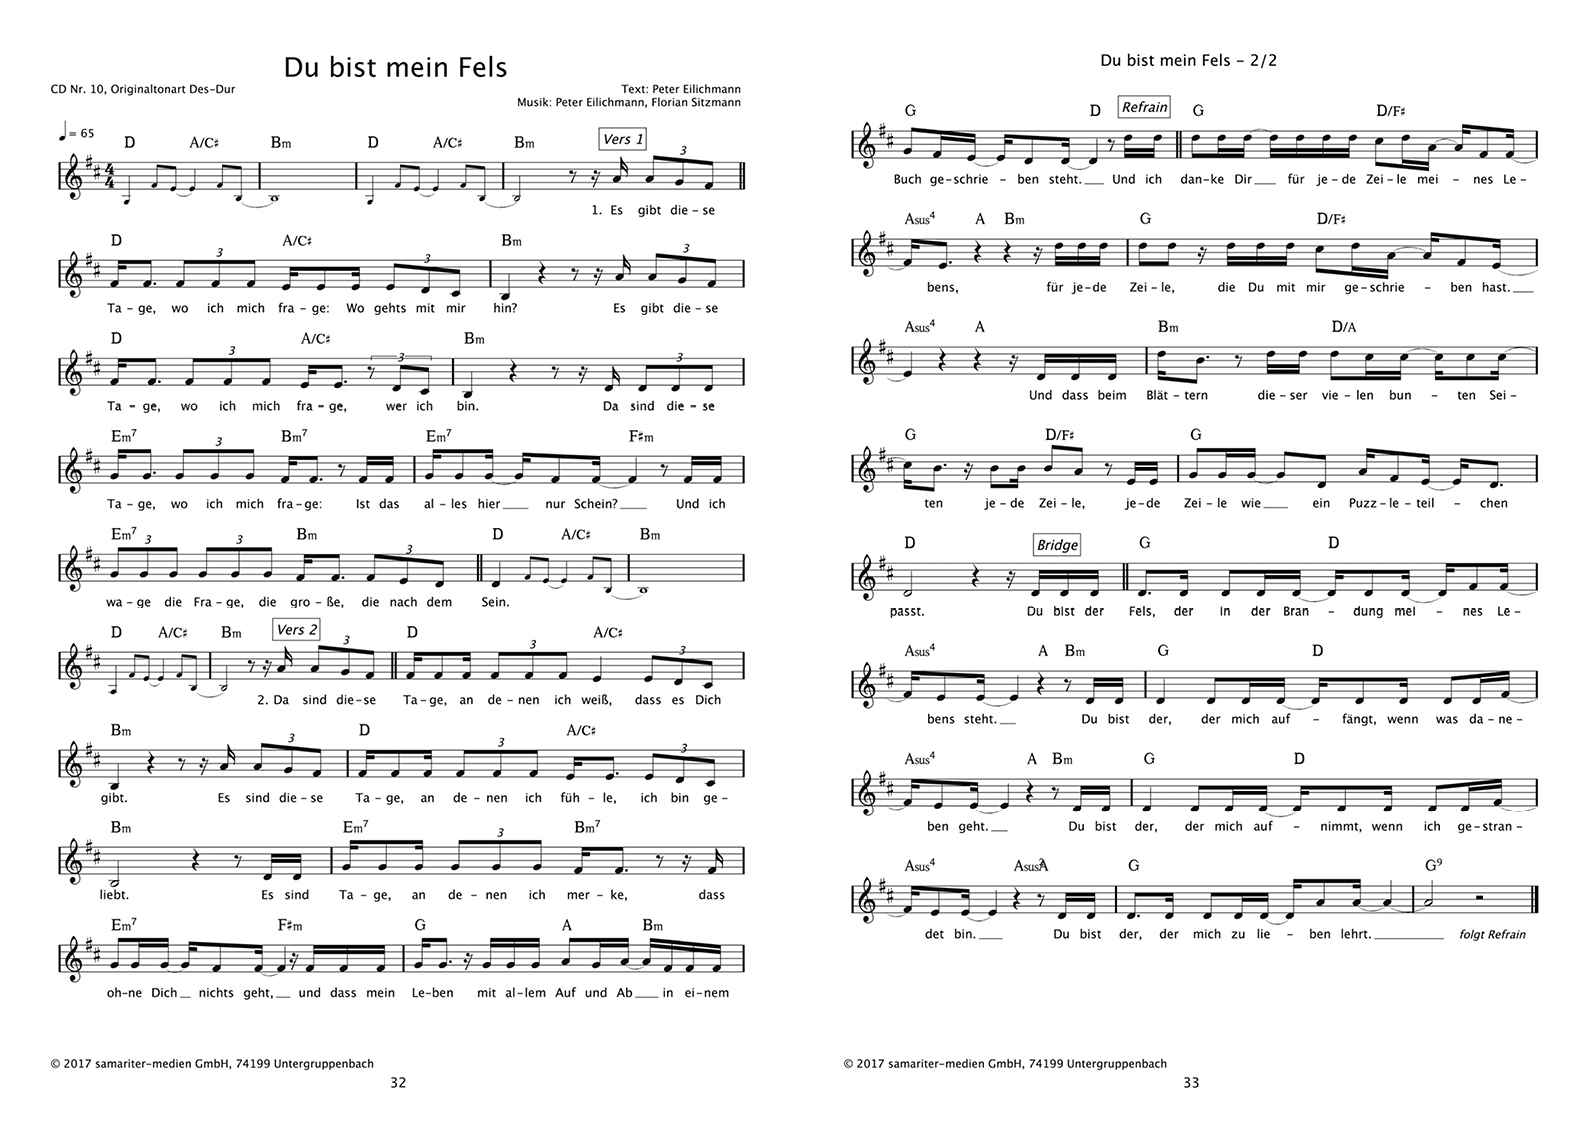 dubistmeinFels_Liederheft